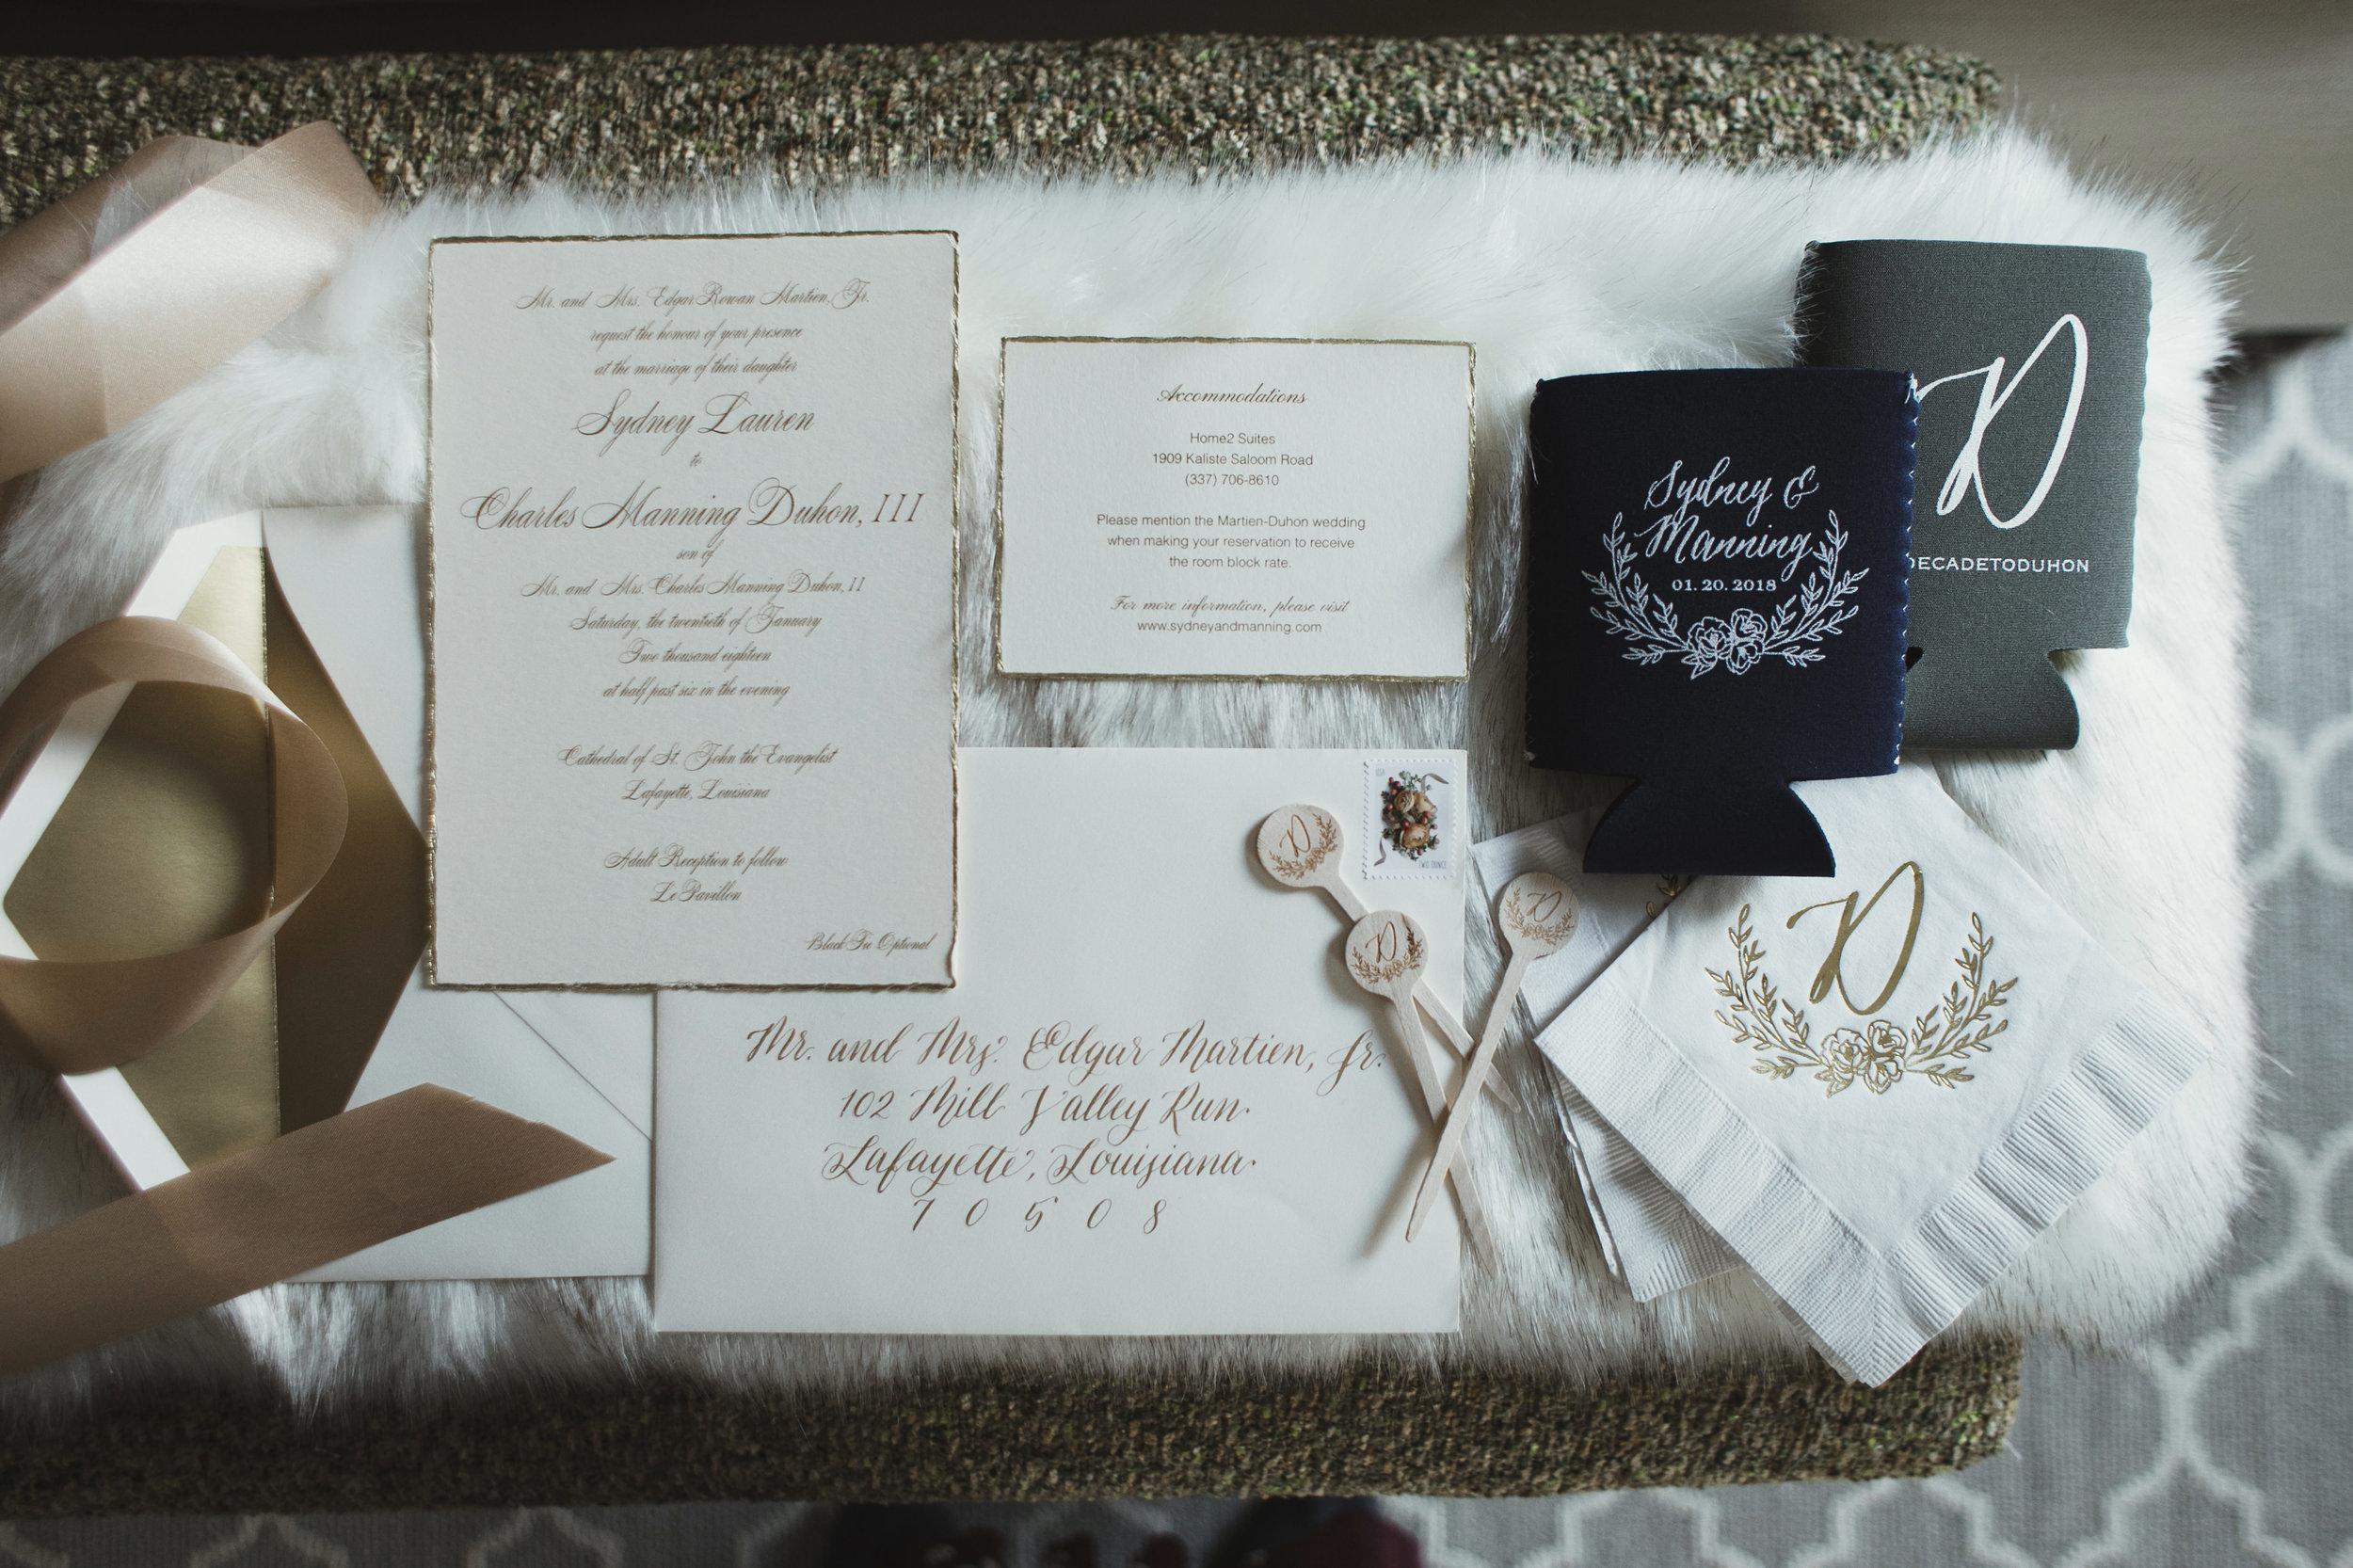 Martien_Duhon_wedding_0043.jpg